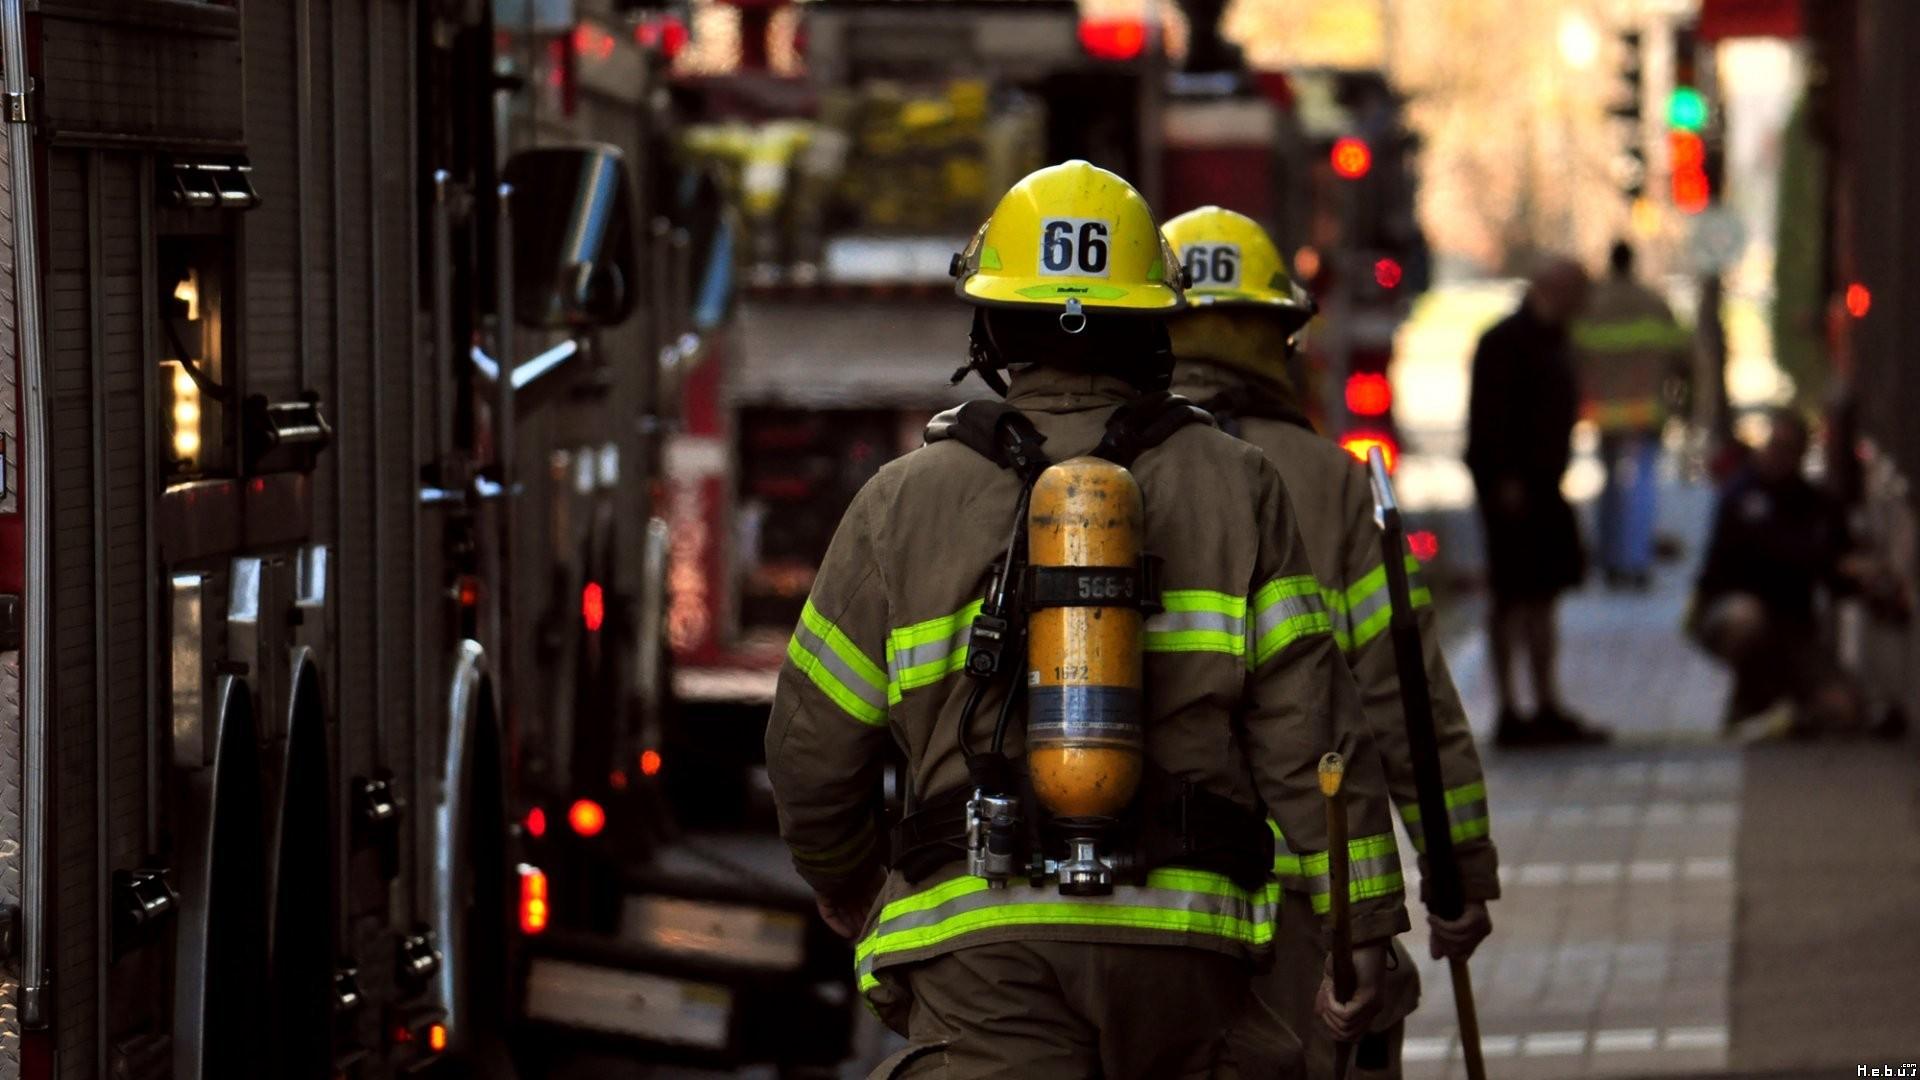 Firefighter-Streets-Urban-Fireman-wallpaper-wp3405549